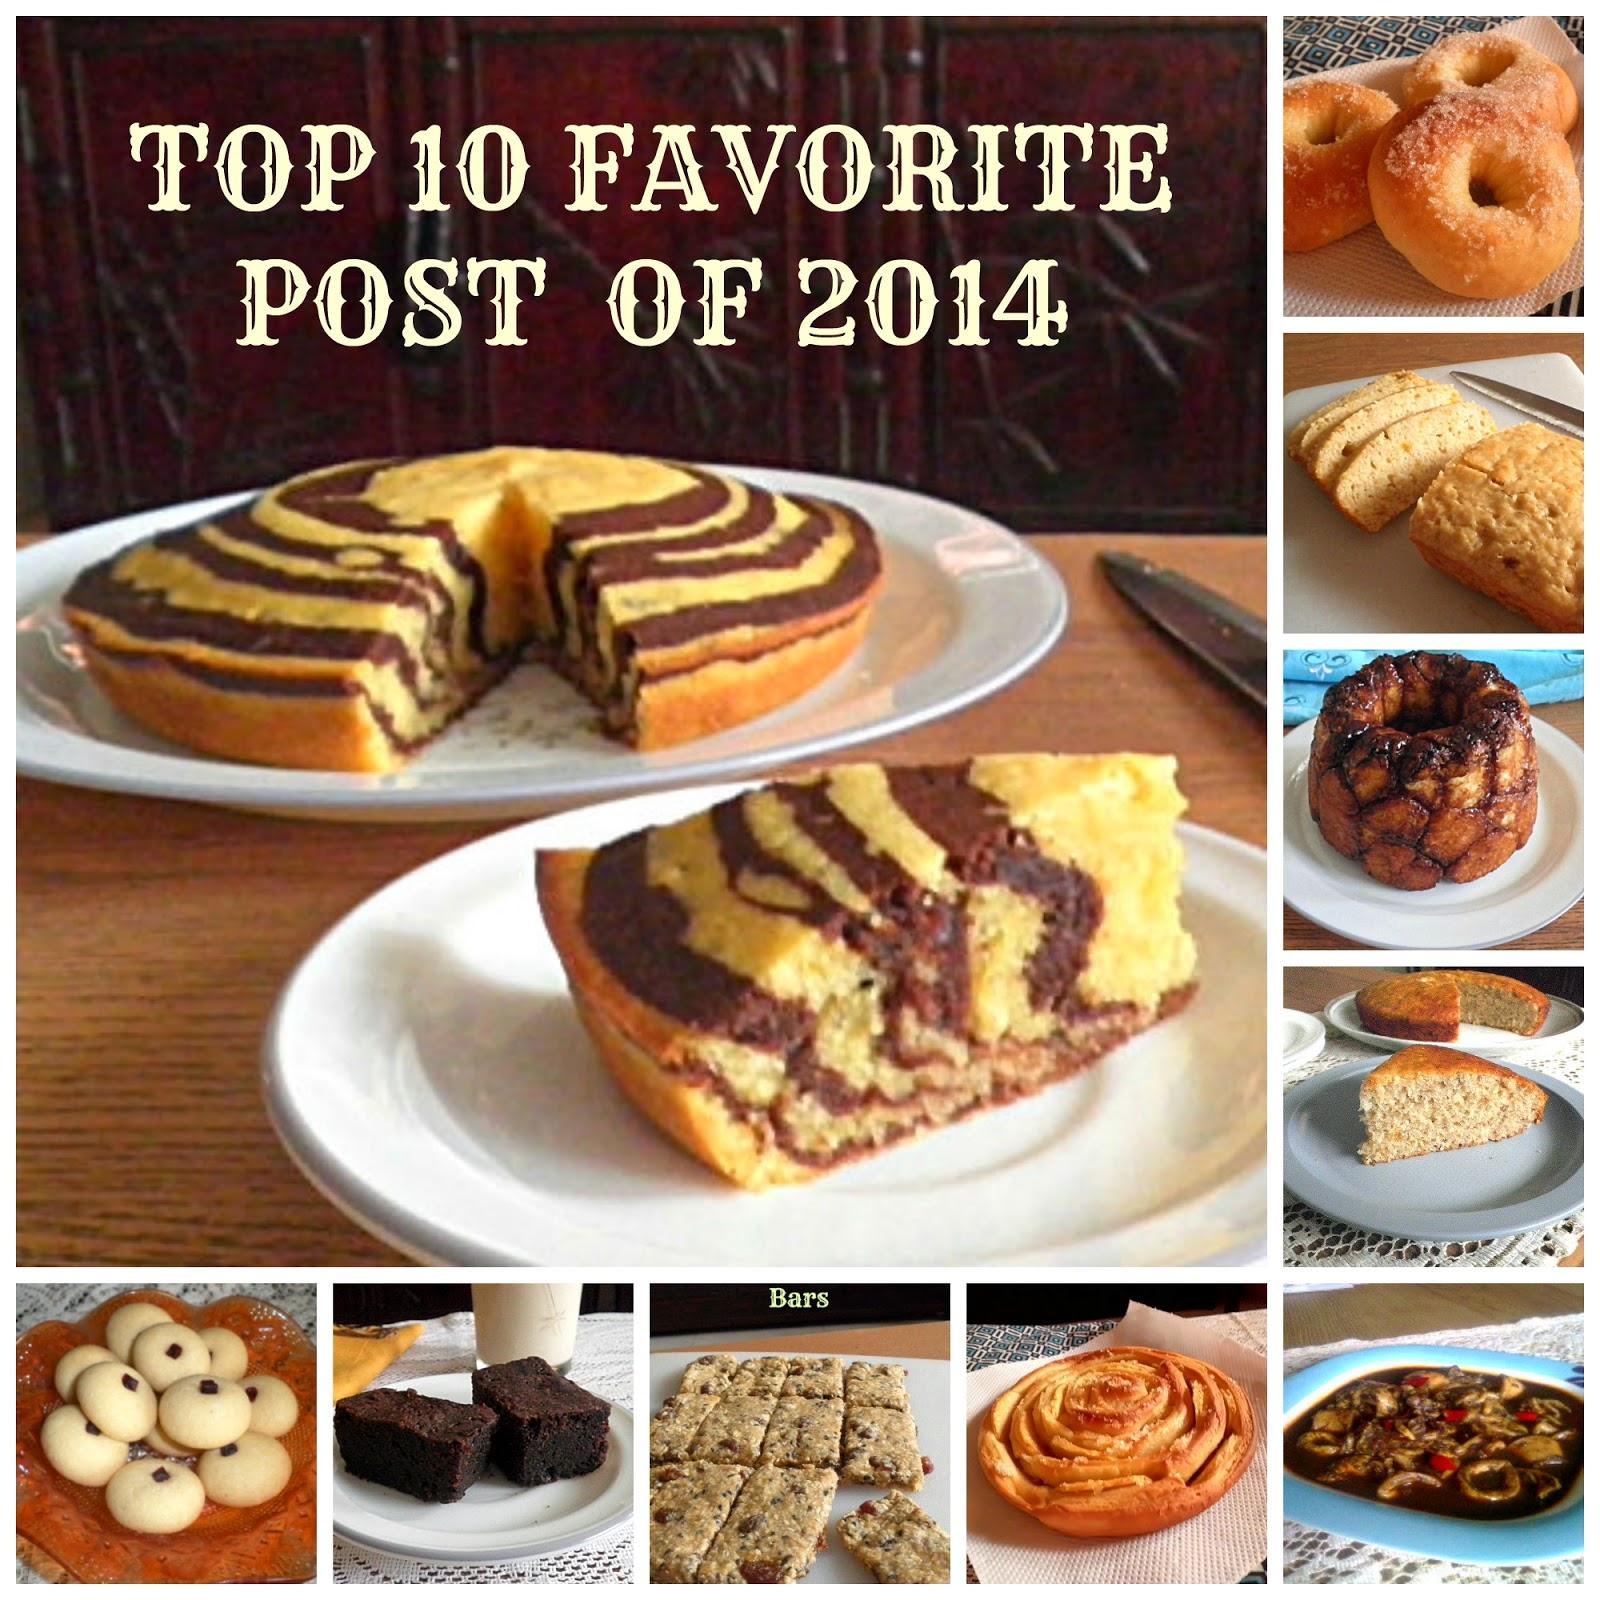 TOP 10 FAVORITE POST OF 2014